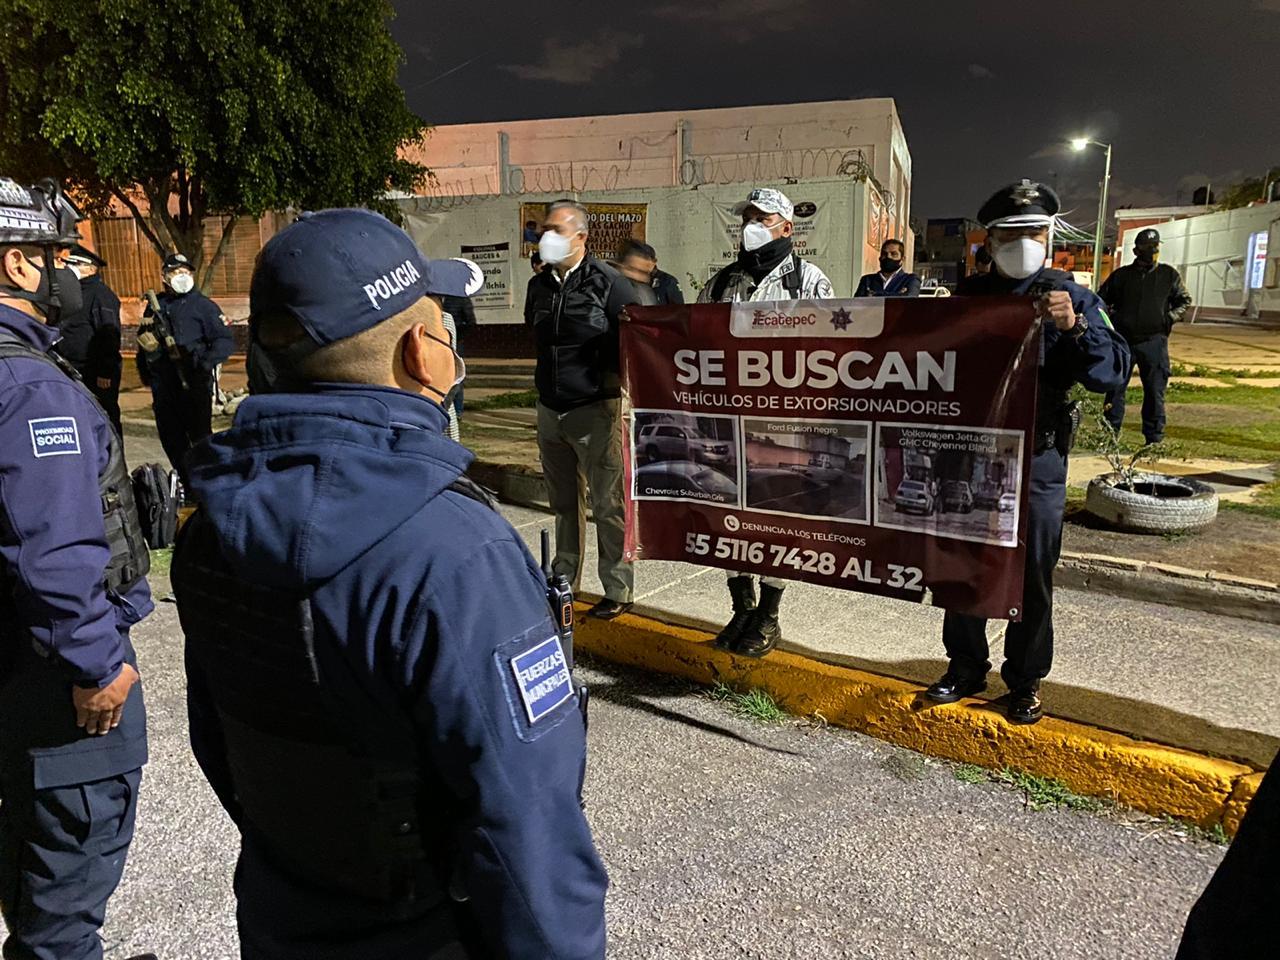 Alcalde de Ecatepec ofrece hasta 50 mil pesos de recompensa por la detención de presuntos policías extorsionadores; los recursos saldrán de su sueldo